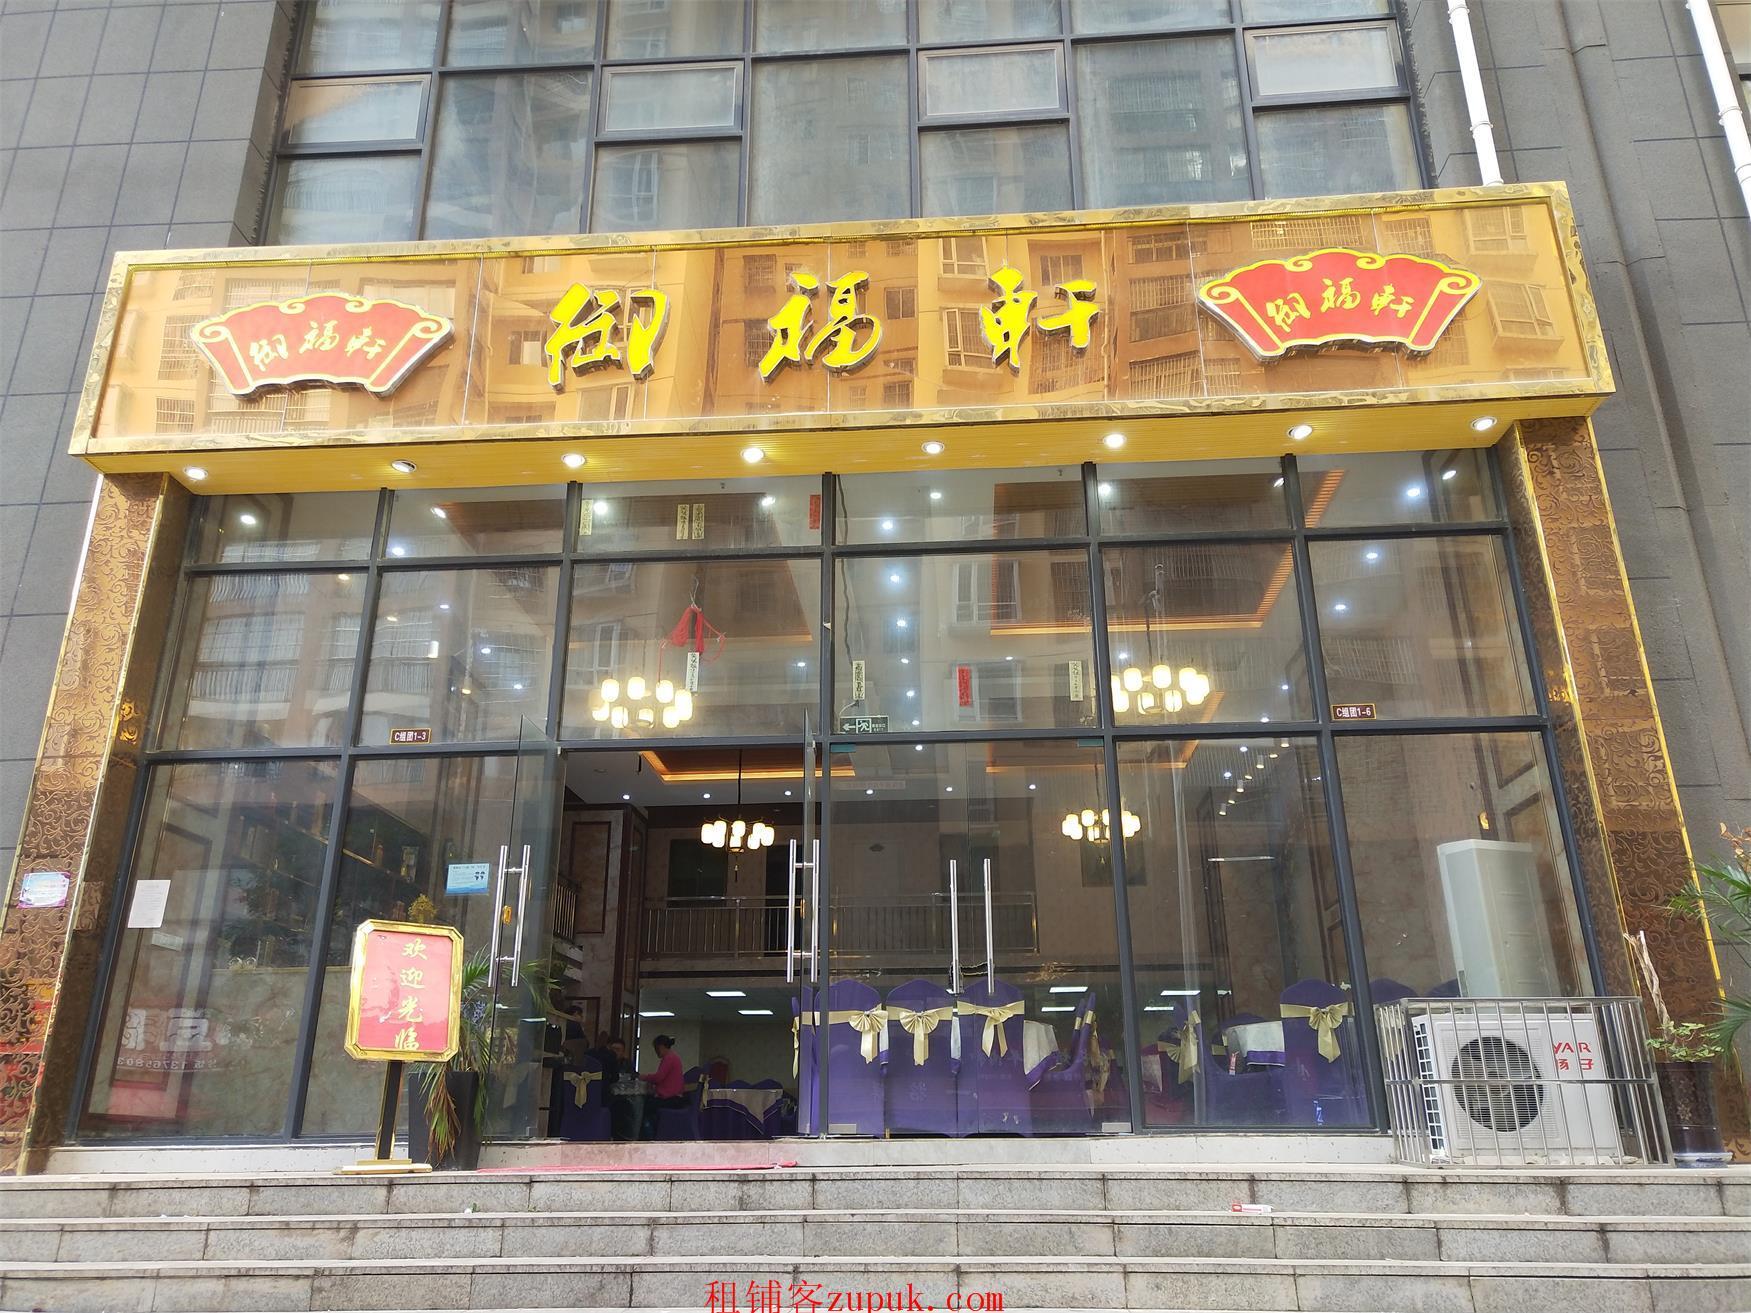 清镇市锦绣黔城高档装修盈利酒楼生意转让